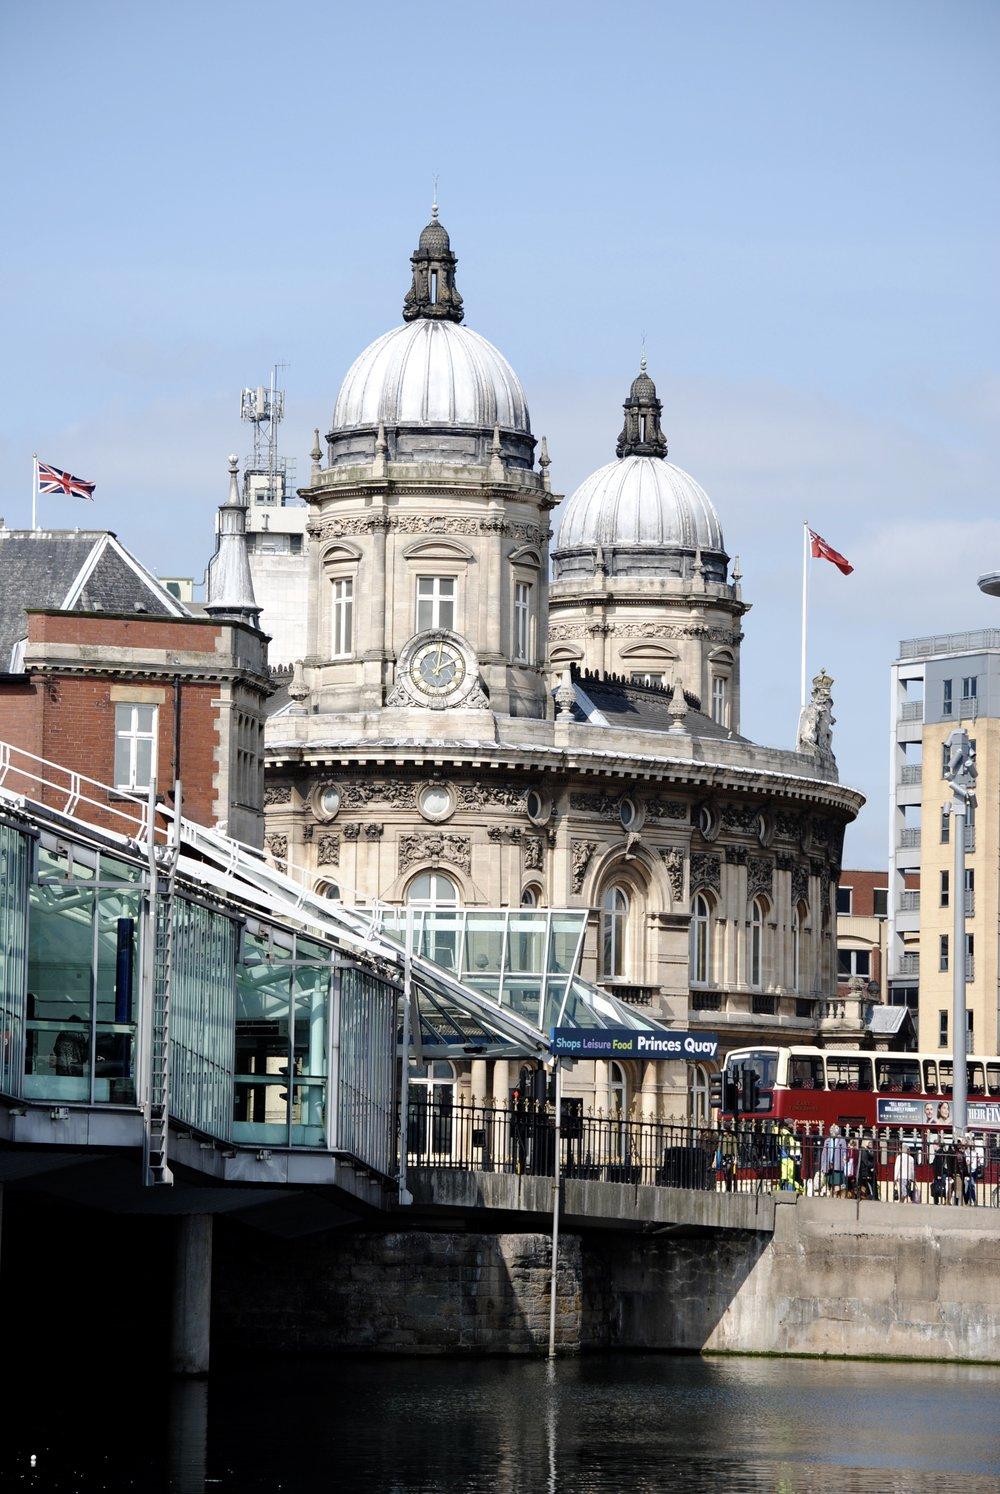 Princes Quay shopping centre.